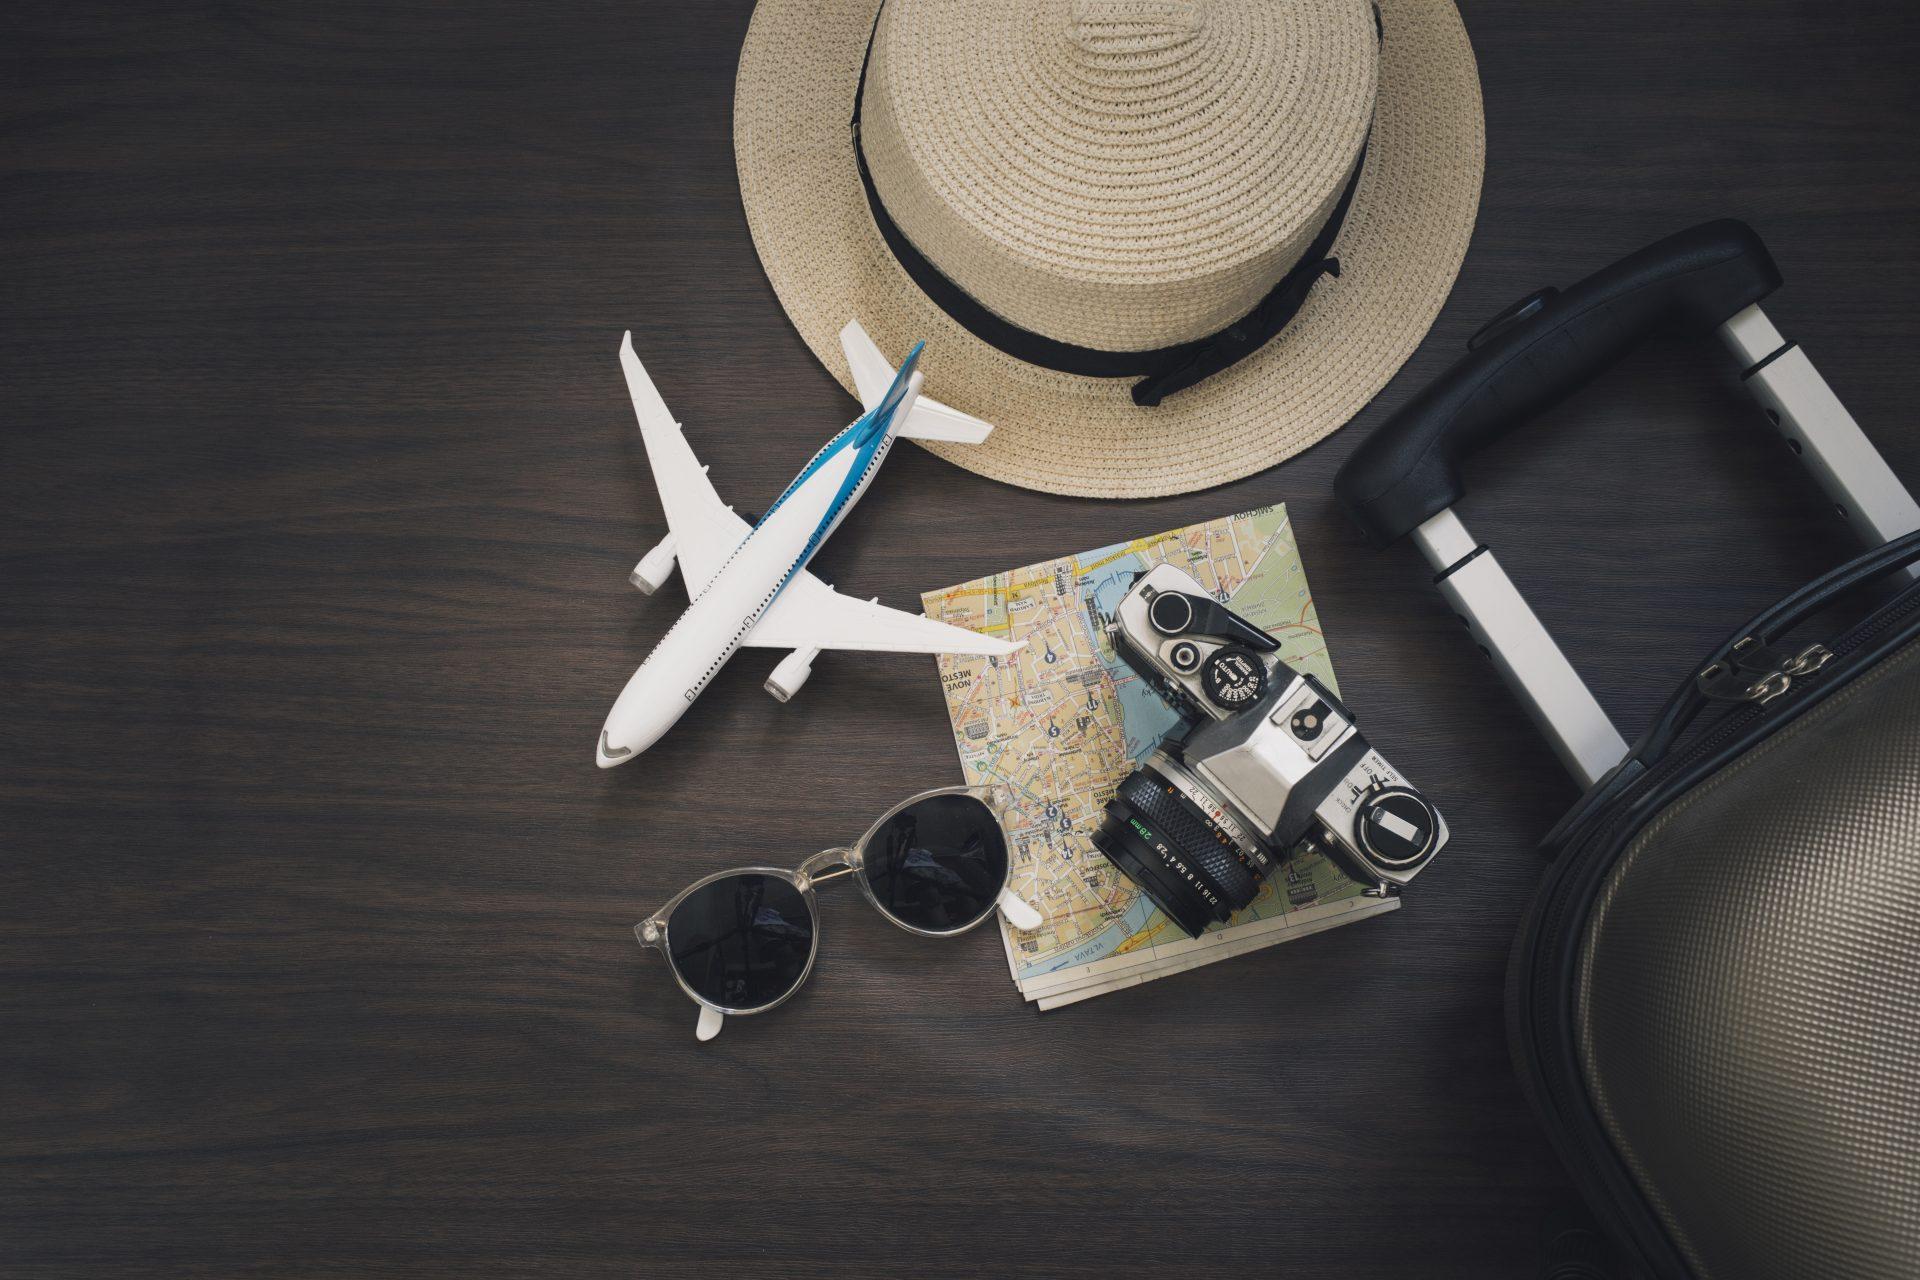 Regali per viaggiatori: macchina fotografica, trolley, mappamondo, biglietto aereo